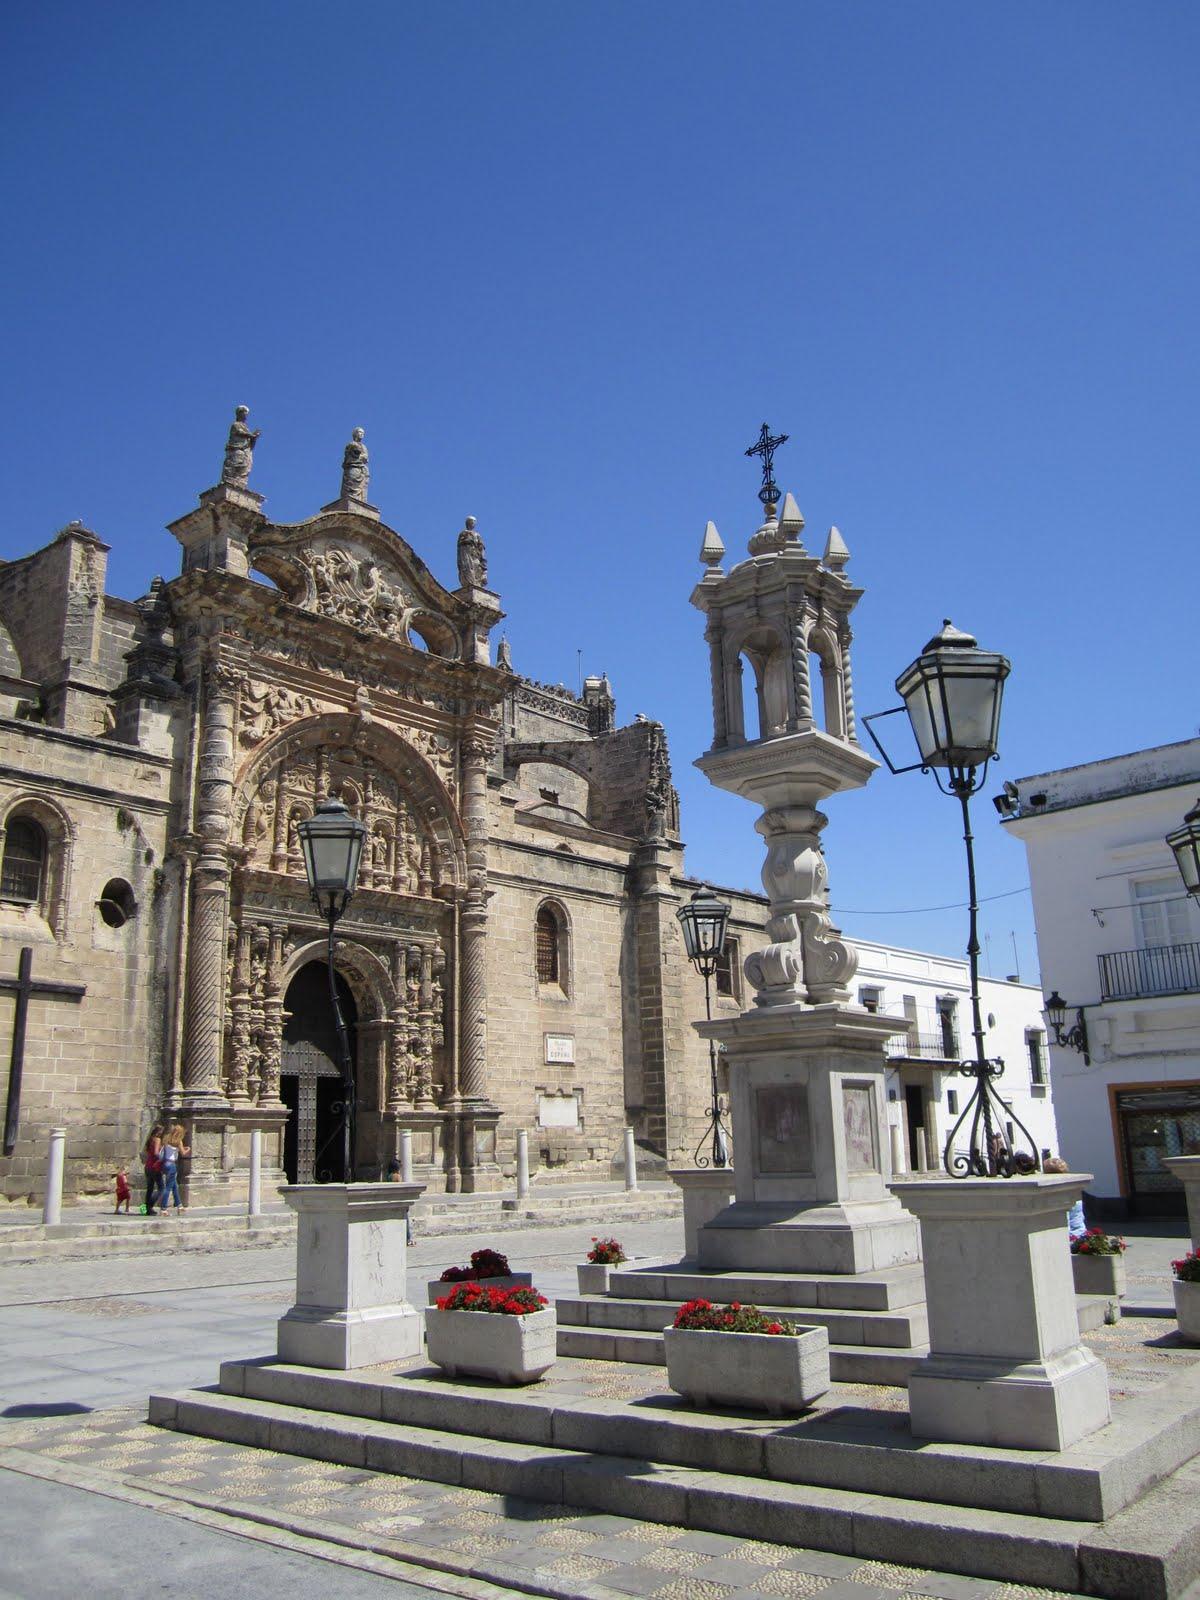 El puerto de santa mar a y puerto real c diz - Puerto santa maria cadiz ...